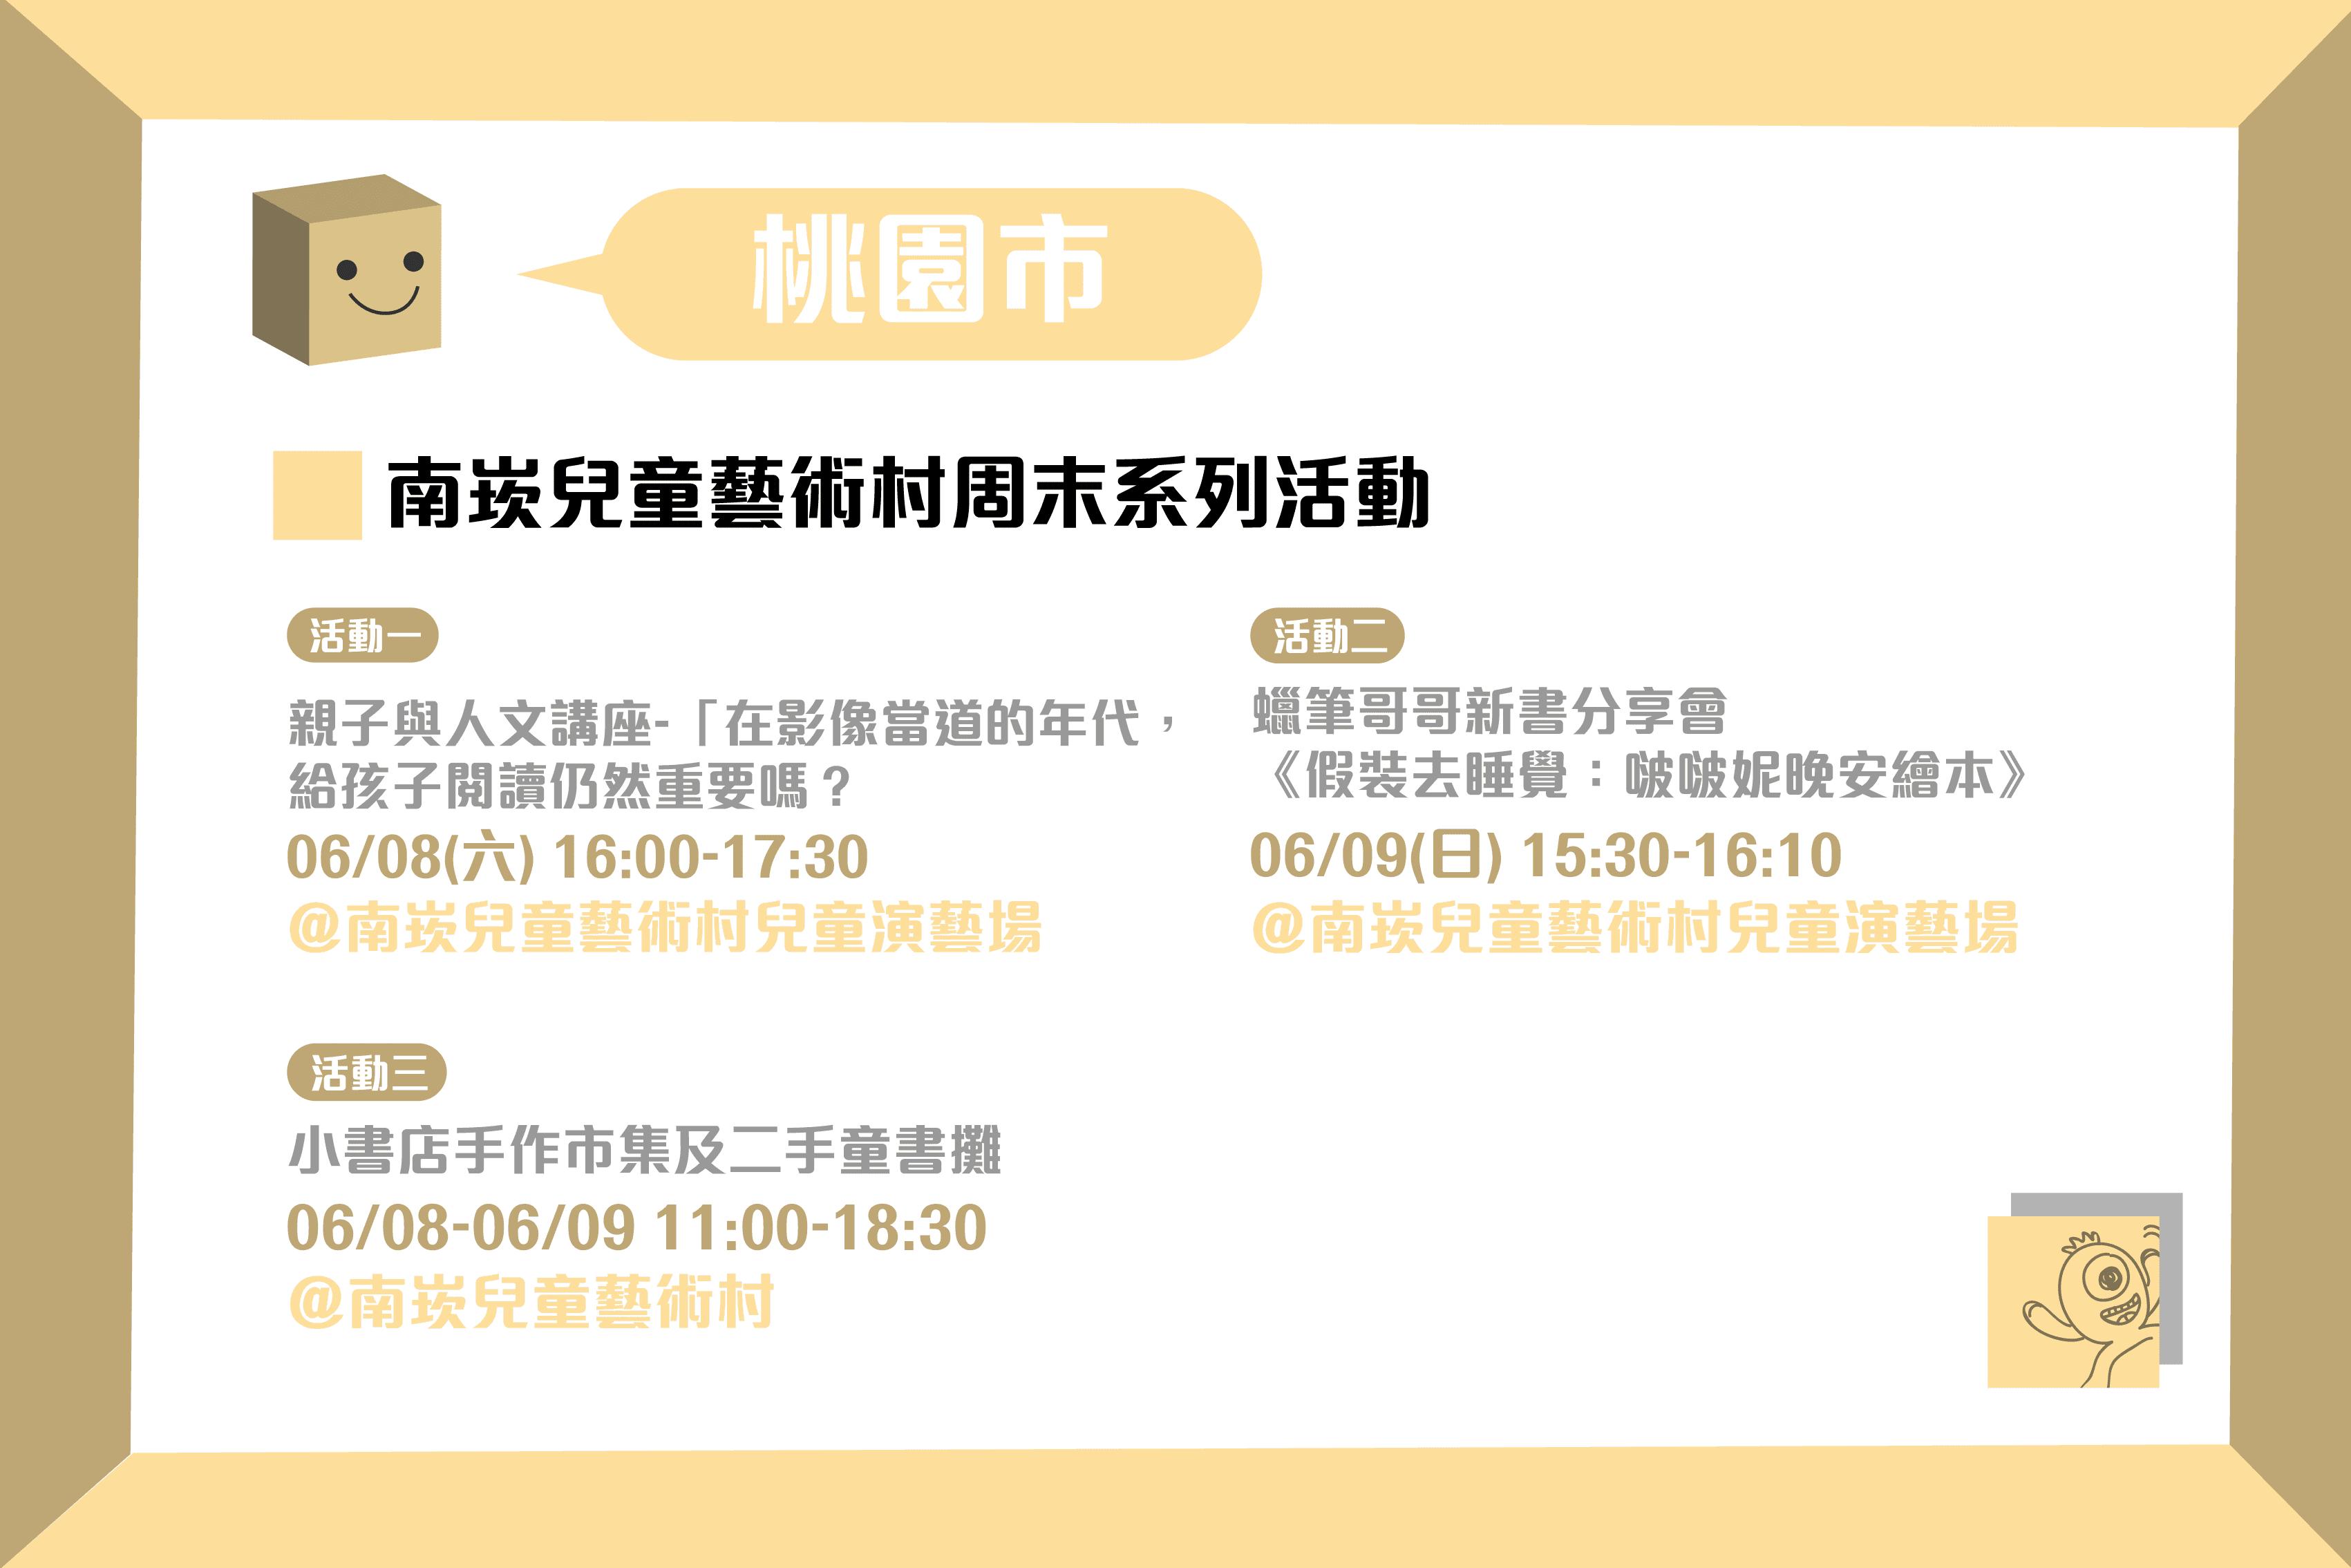 2019年6月說故事活動懶人包-桃園